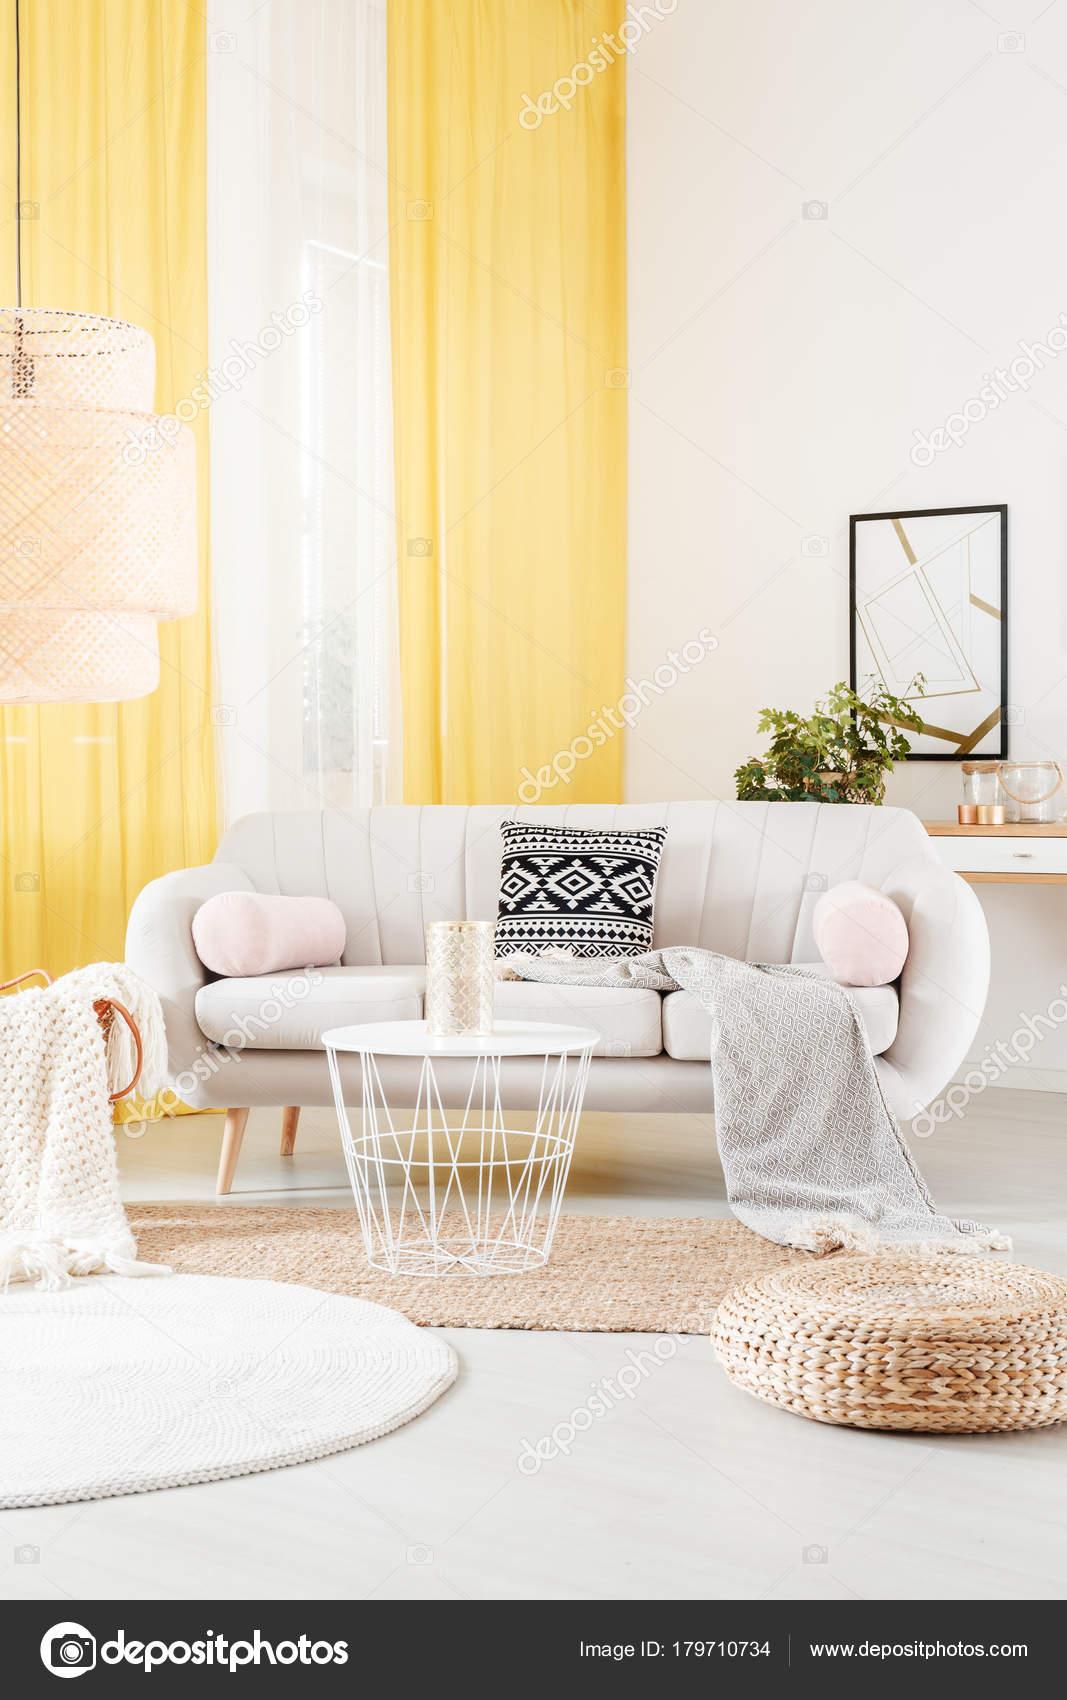 Warmen Wohnzimmer Interieur Mit Runder Teppich Und Weiße Couch Stand In Der  Nähe Der Fenster Mit Hellen Gelben Vorhänge U2014 Foto Von Photographee.eu